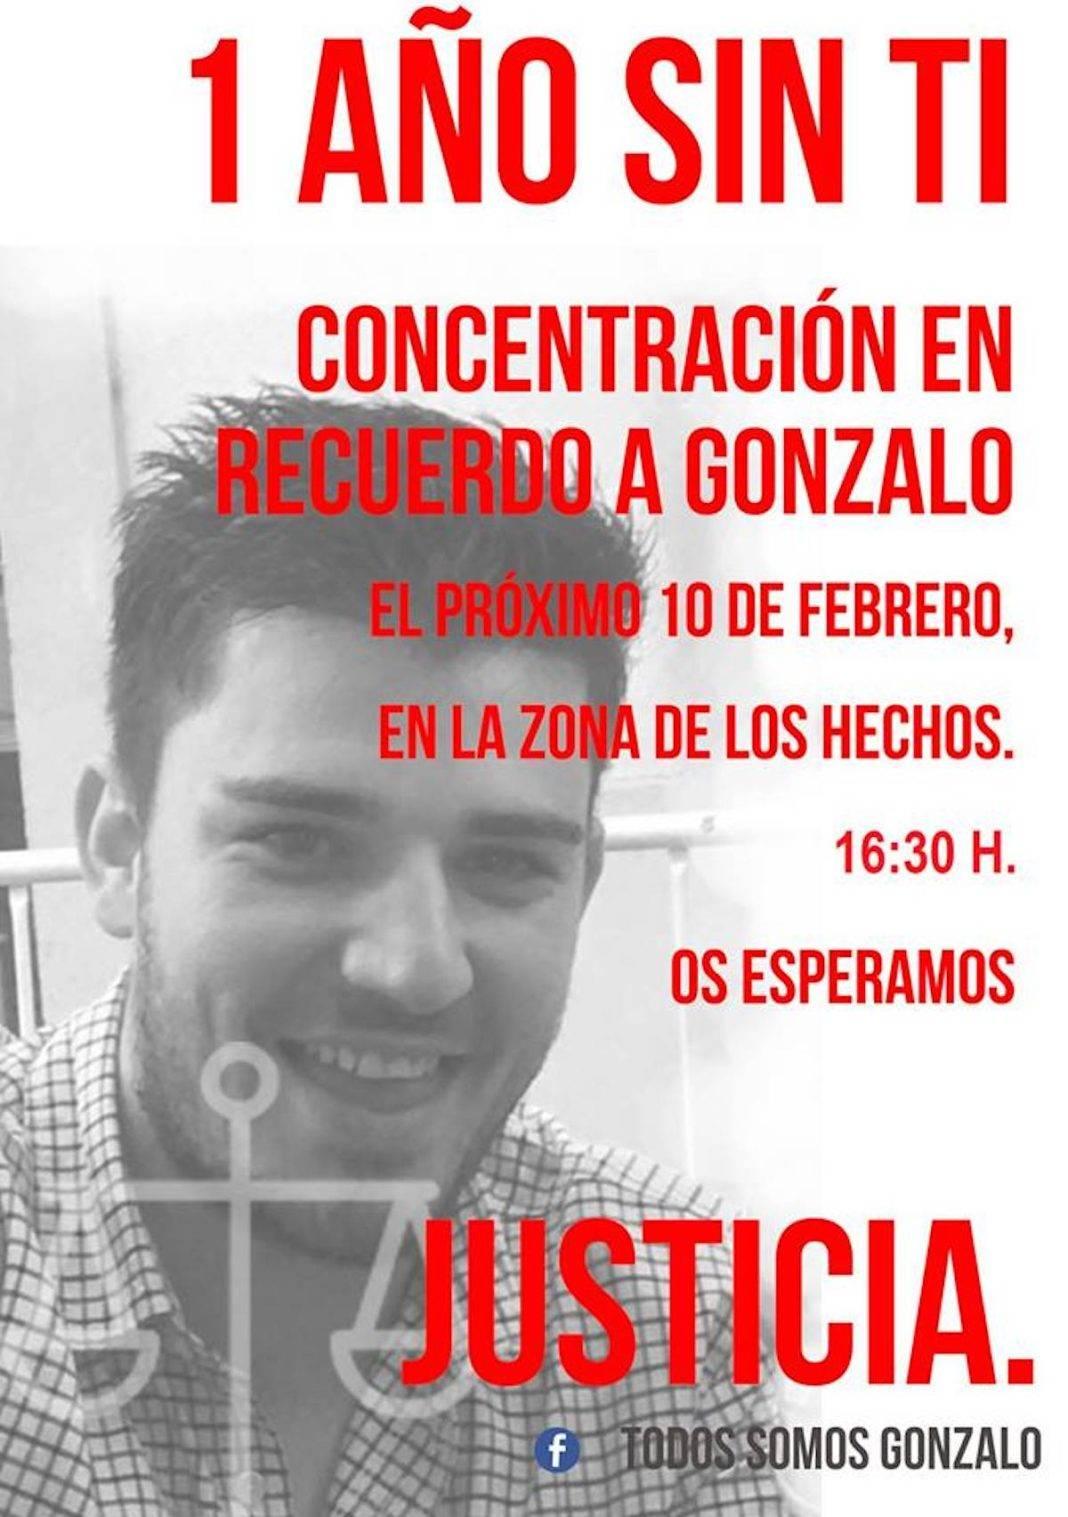 Concentración en recuerdo de Gonzalo en Herencia. 1 año sin tí 1